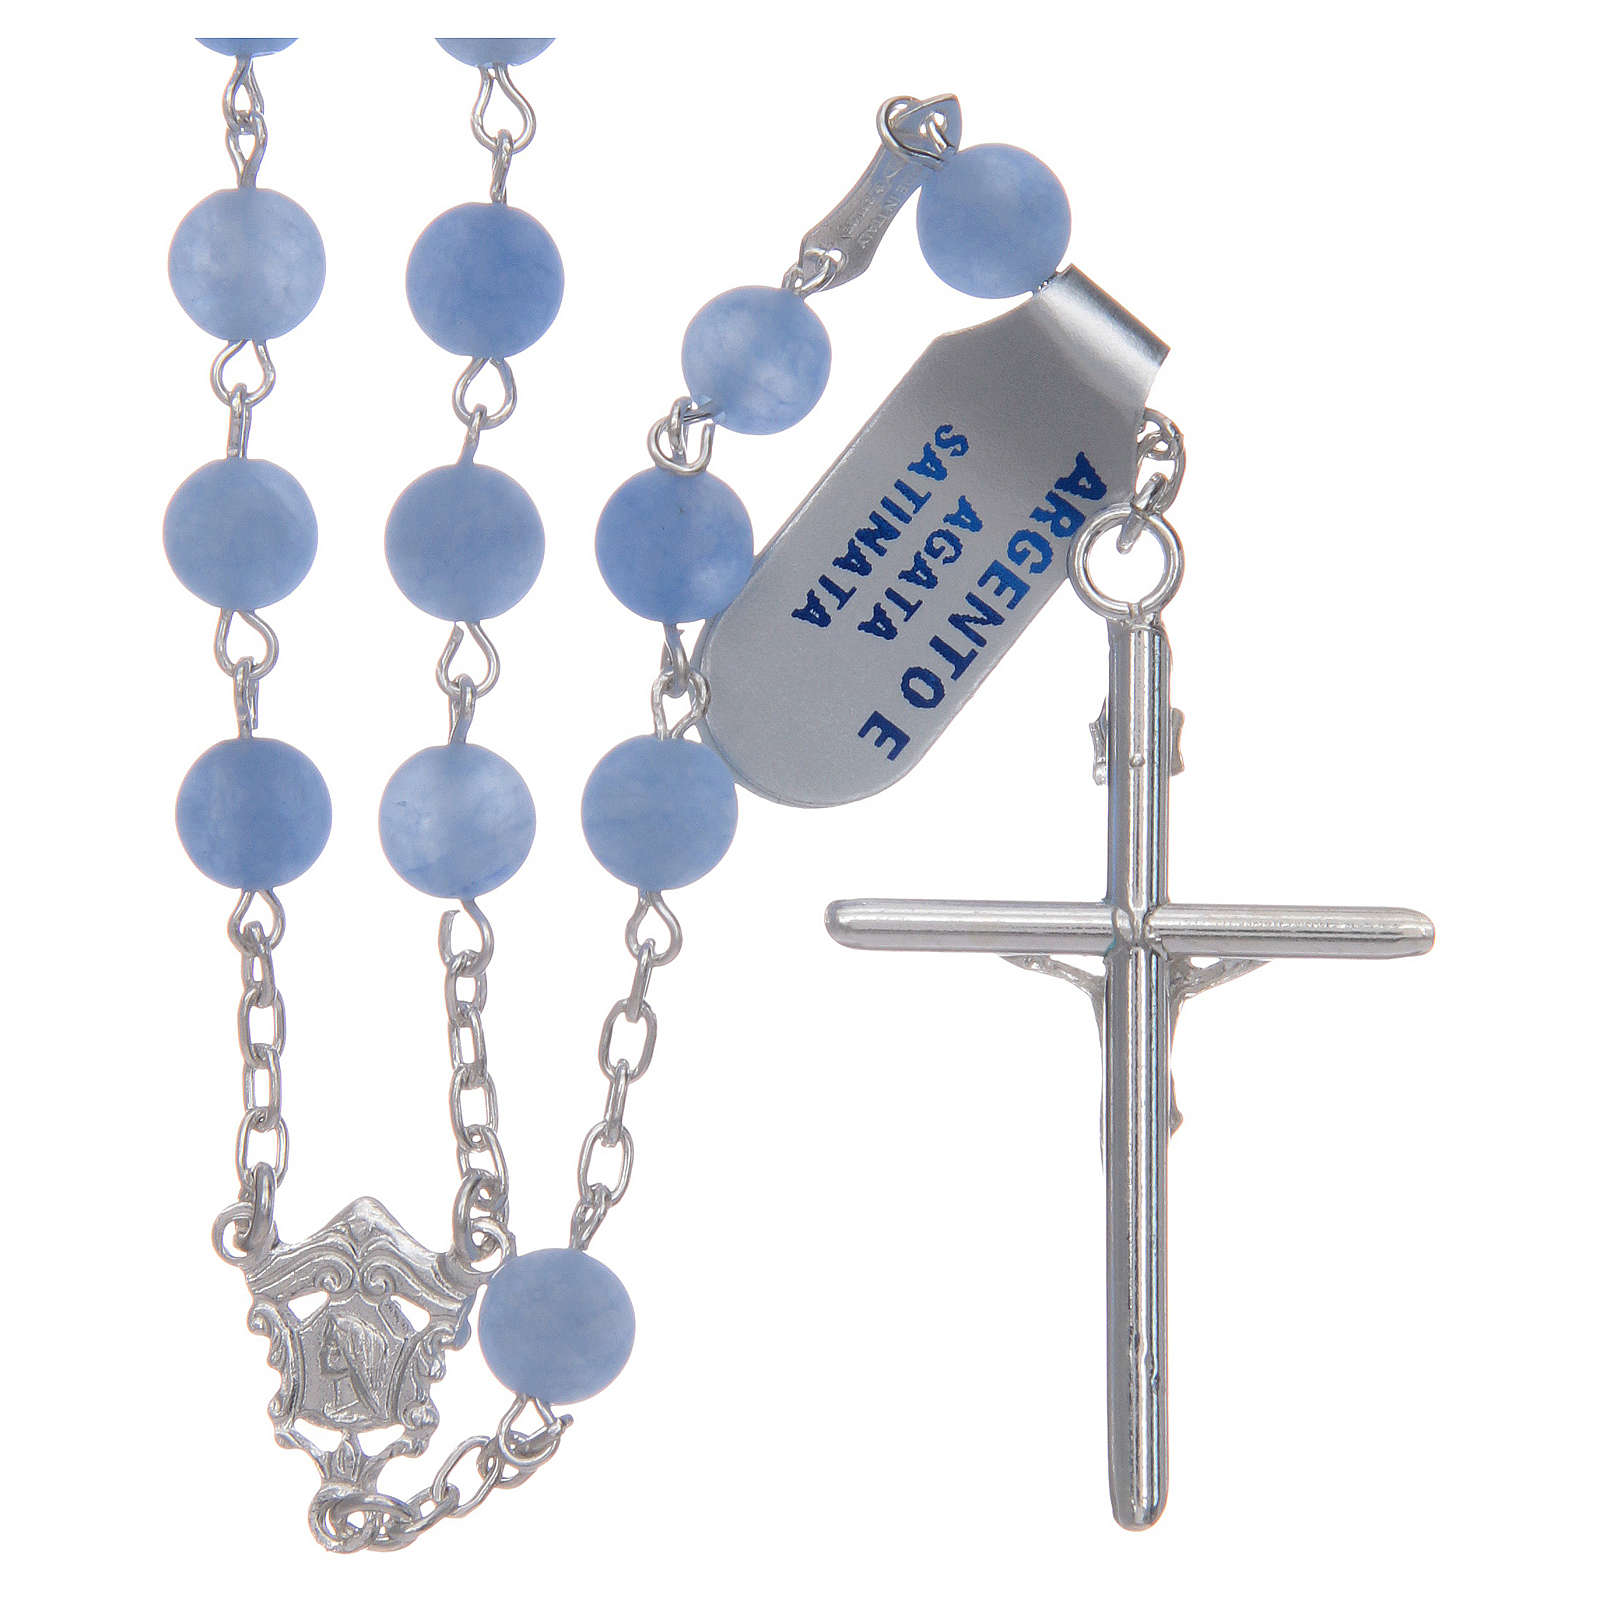 Rosario de plata 925 y ágata satinada 6 mm color azul 4